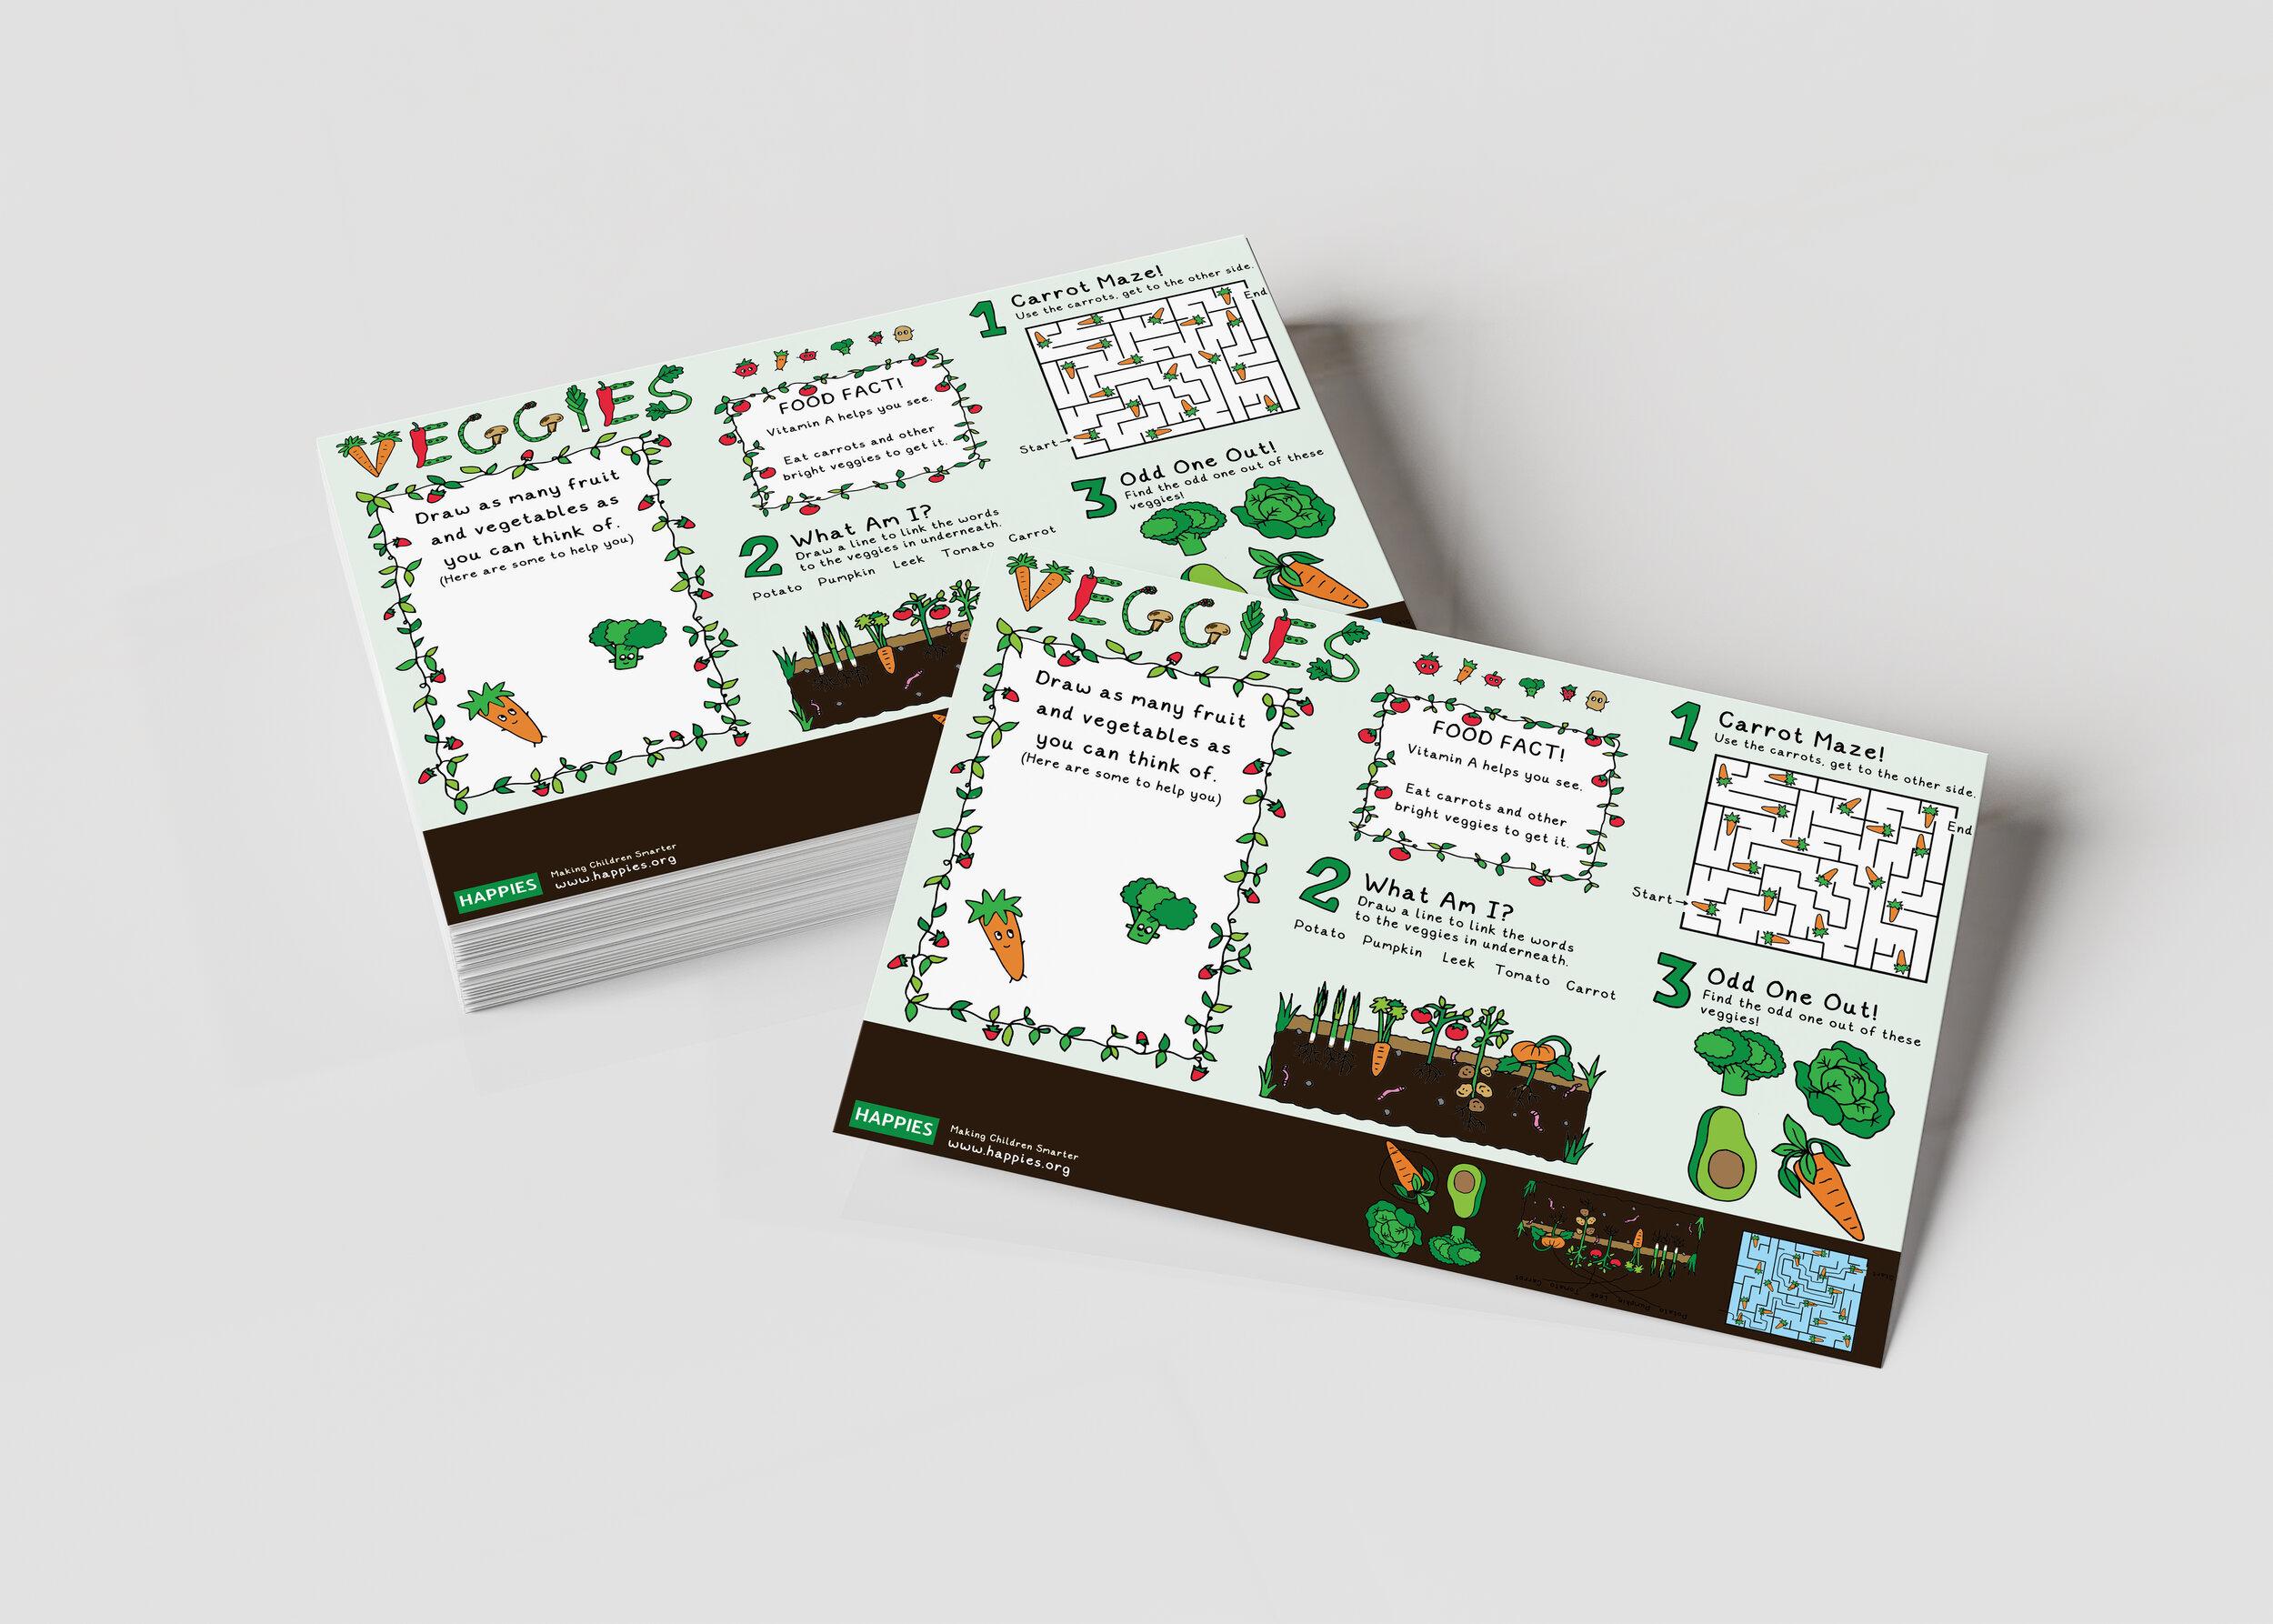 Veggies-pack 2.jpg